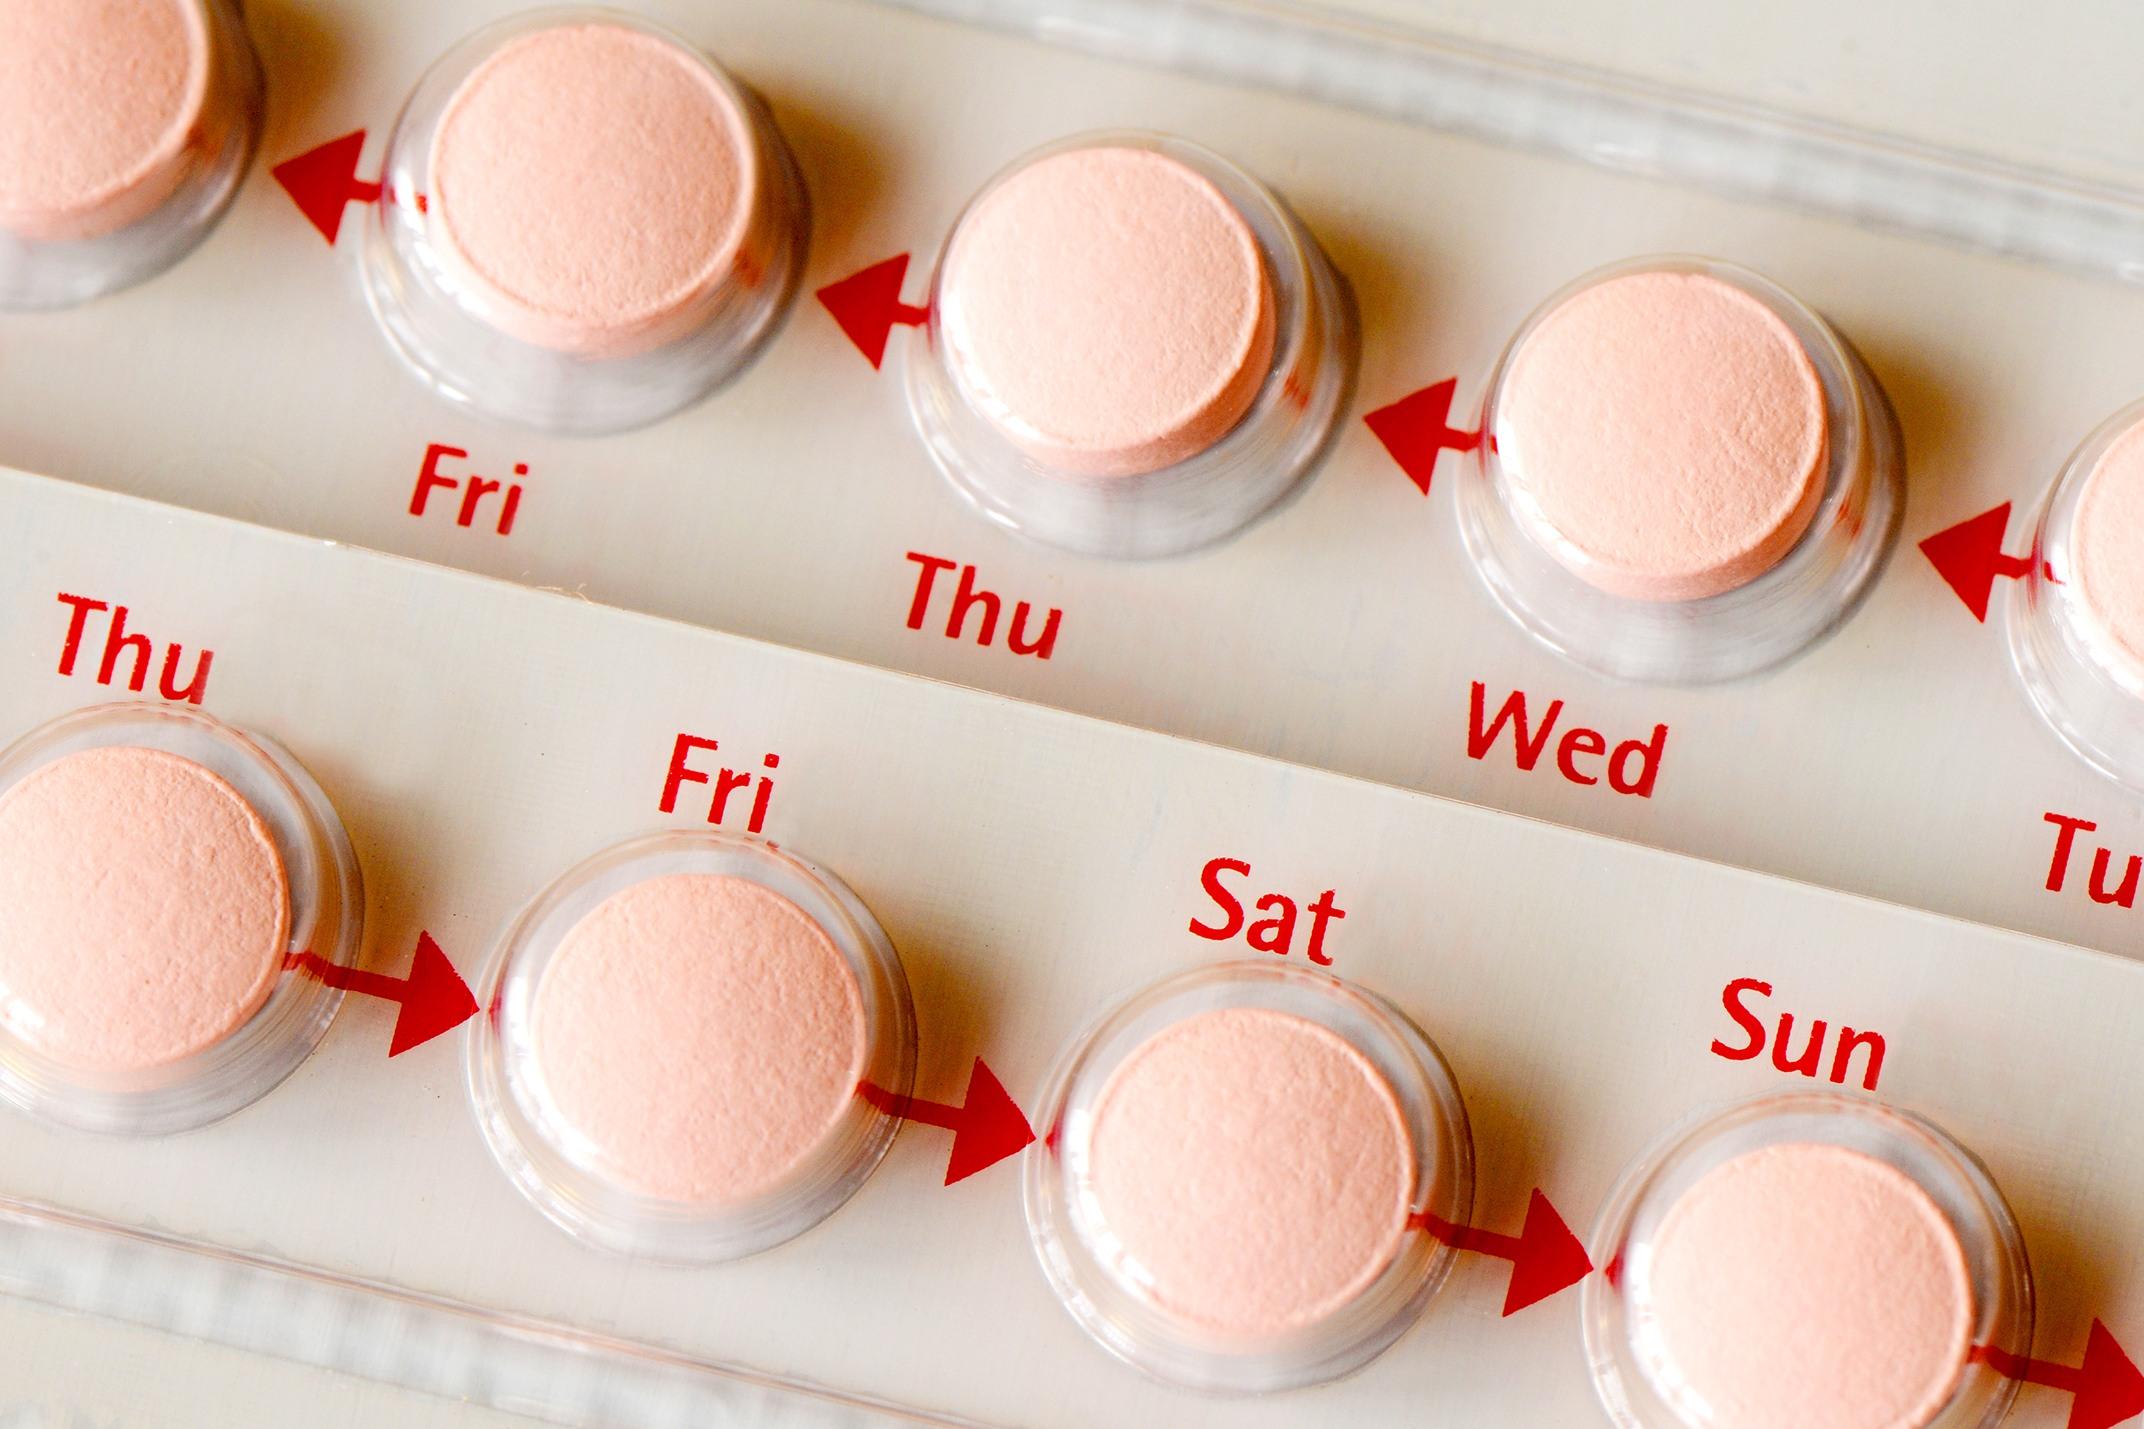 Associação de Estradiol e Acetato de Noretisterona em Baixas Doses é Eficaz para o Tratamento dos Sintomas da Menopausa sem Produzir Hemorragias